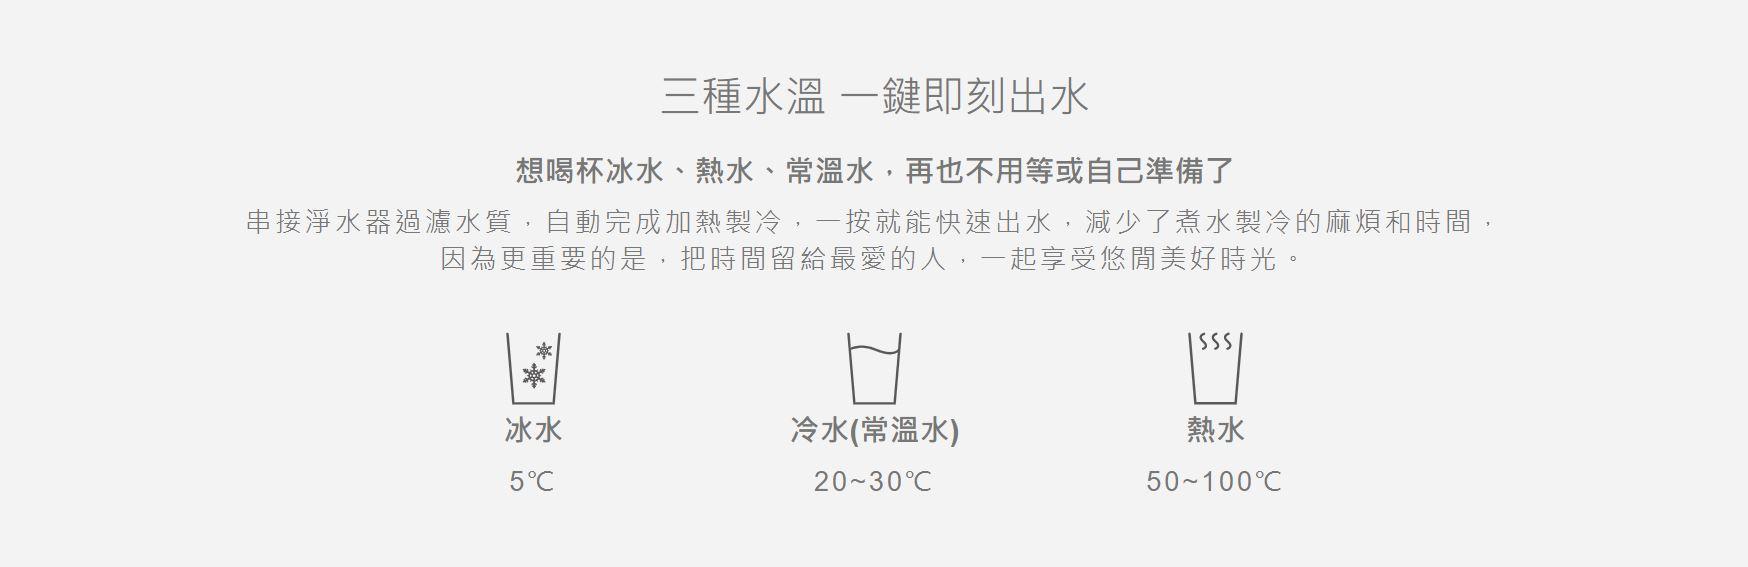 飲水機推薦-TK6000廚下型冰溫熱觸控飲水機提供3種溫度